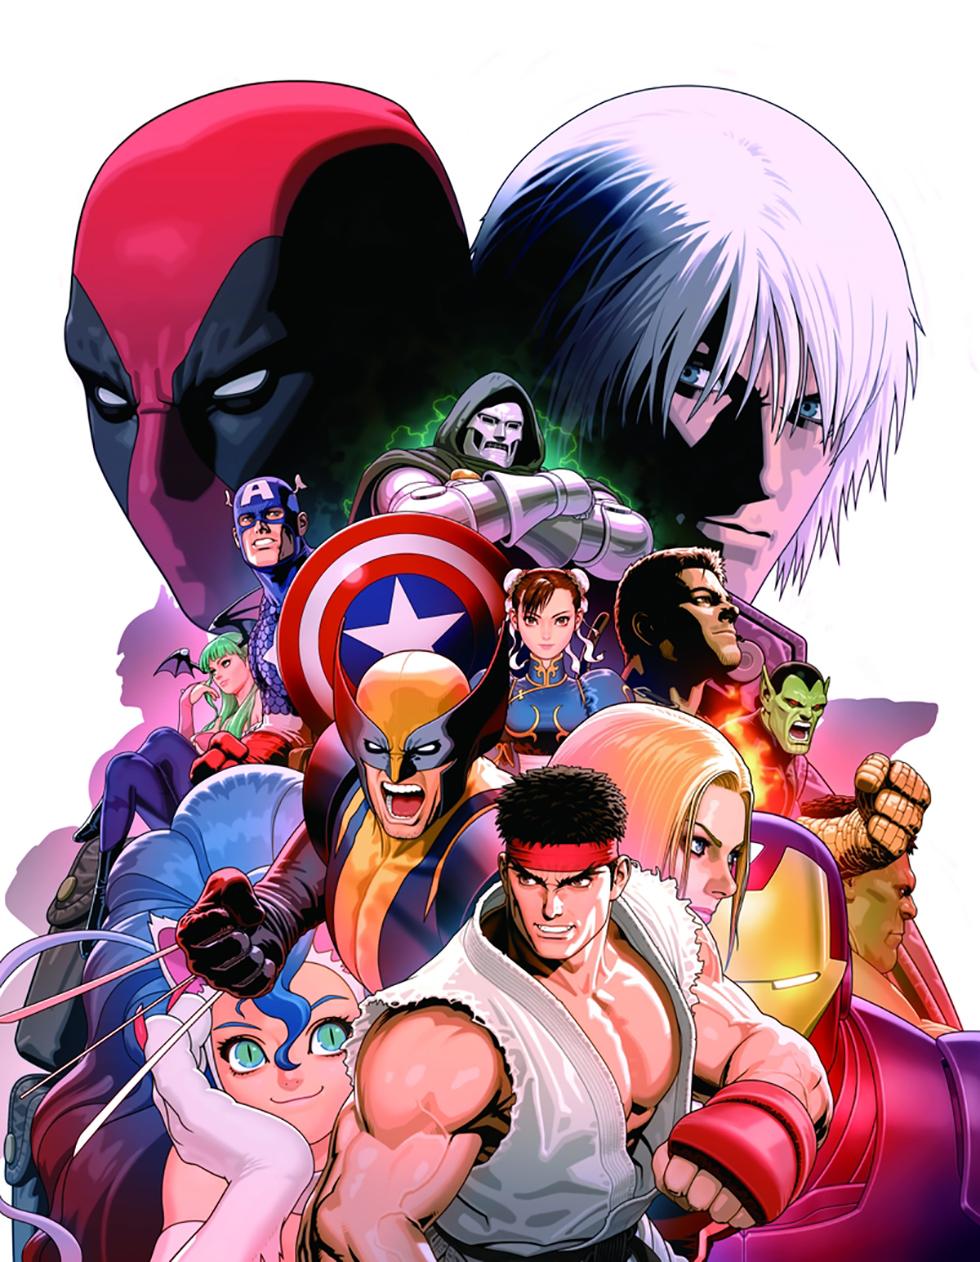 Shinkiro | Marvel vs. Capcom 3